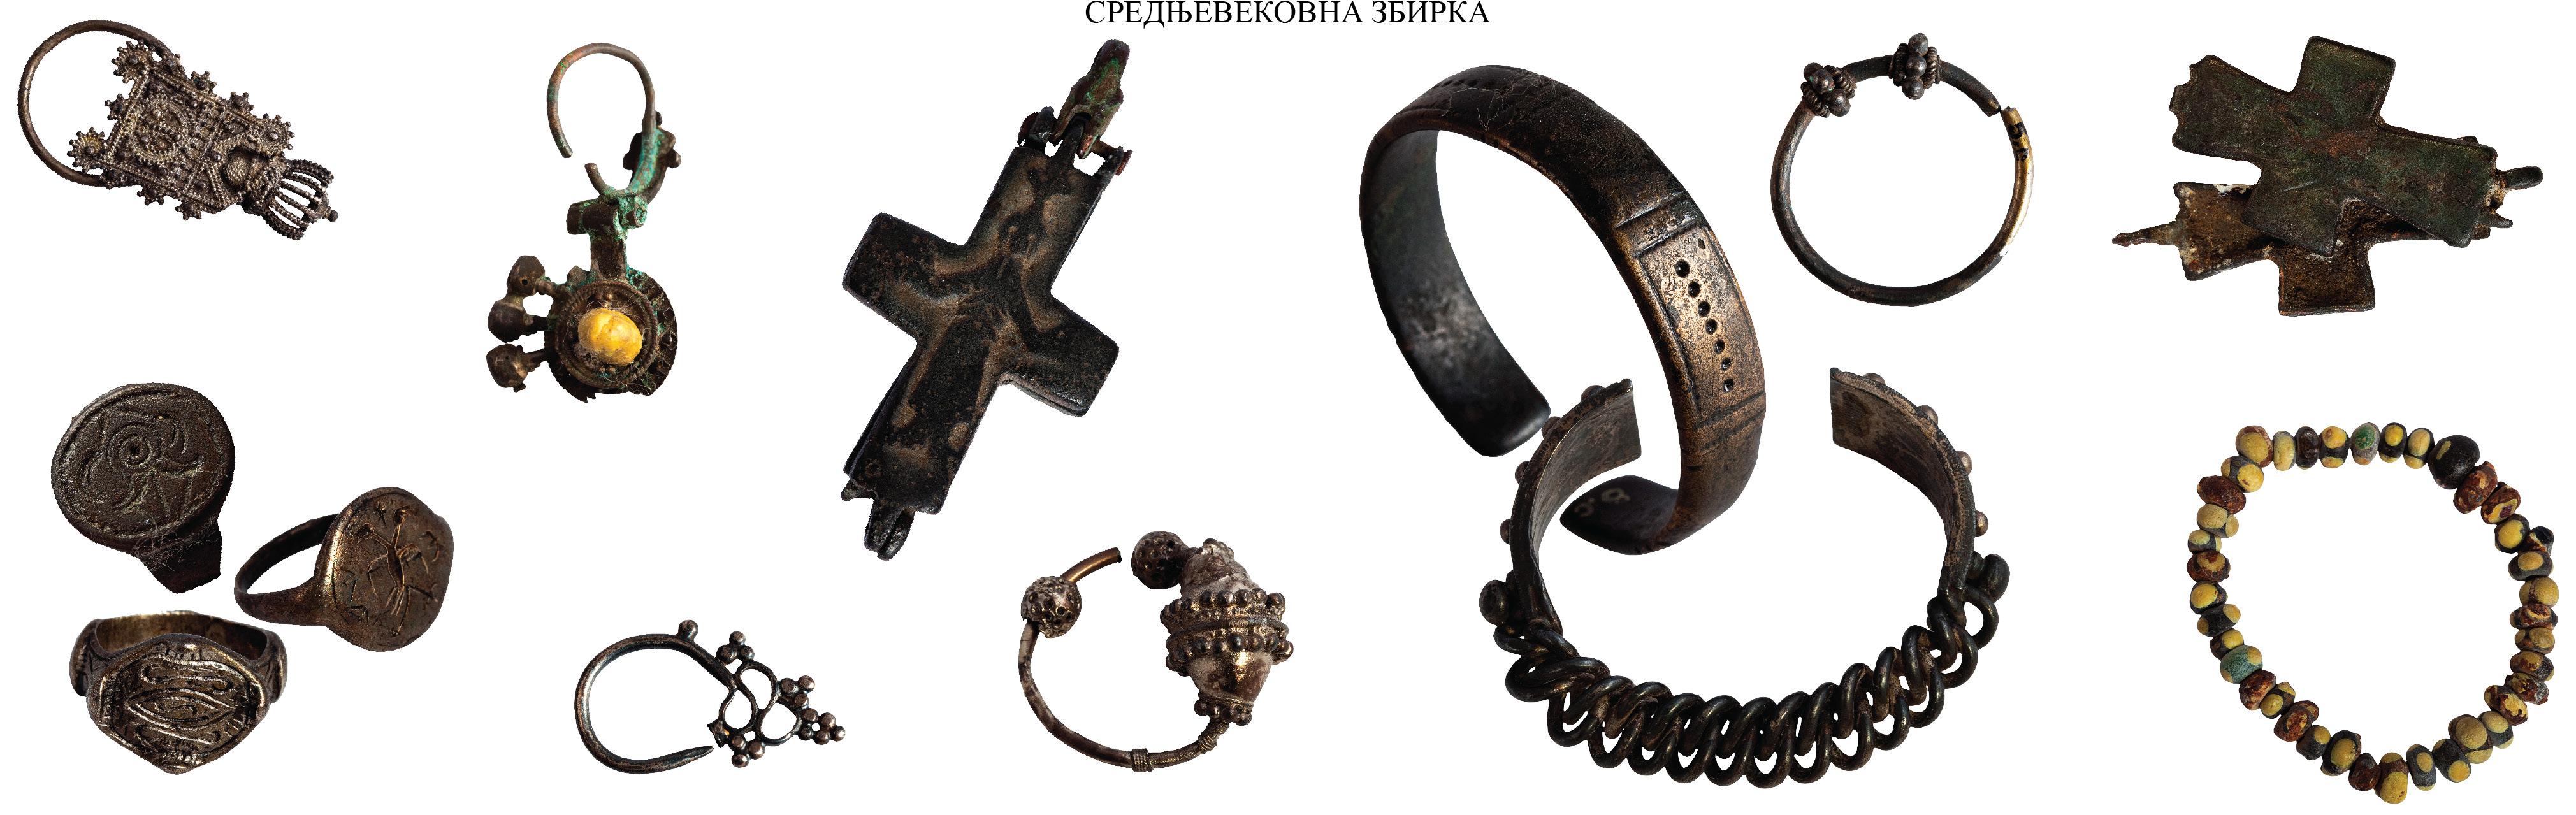 Srednjevekovna zbirka